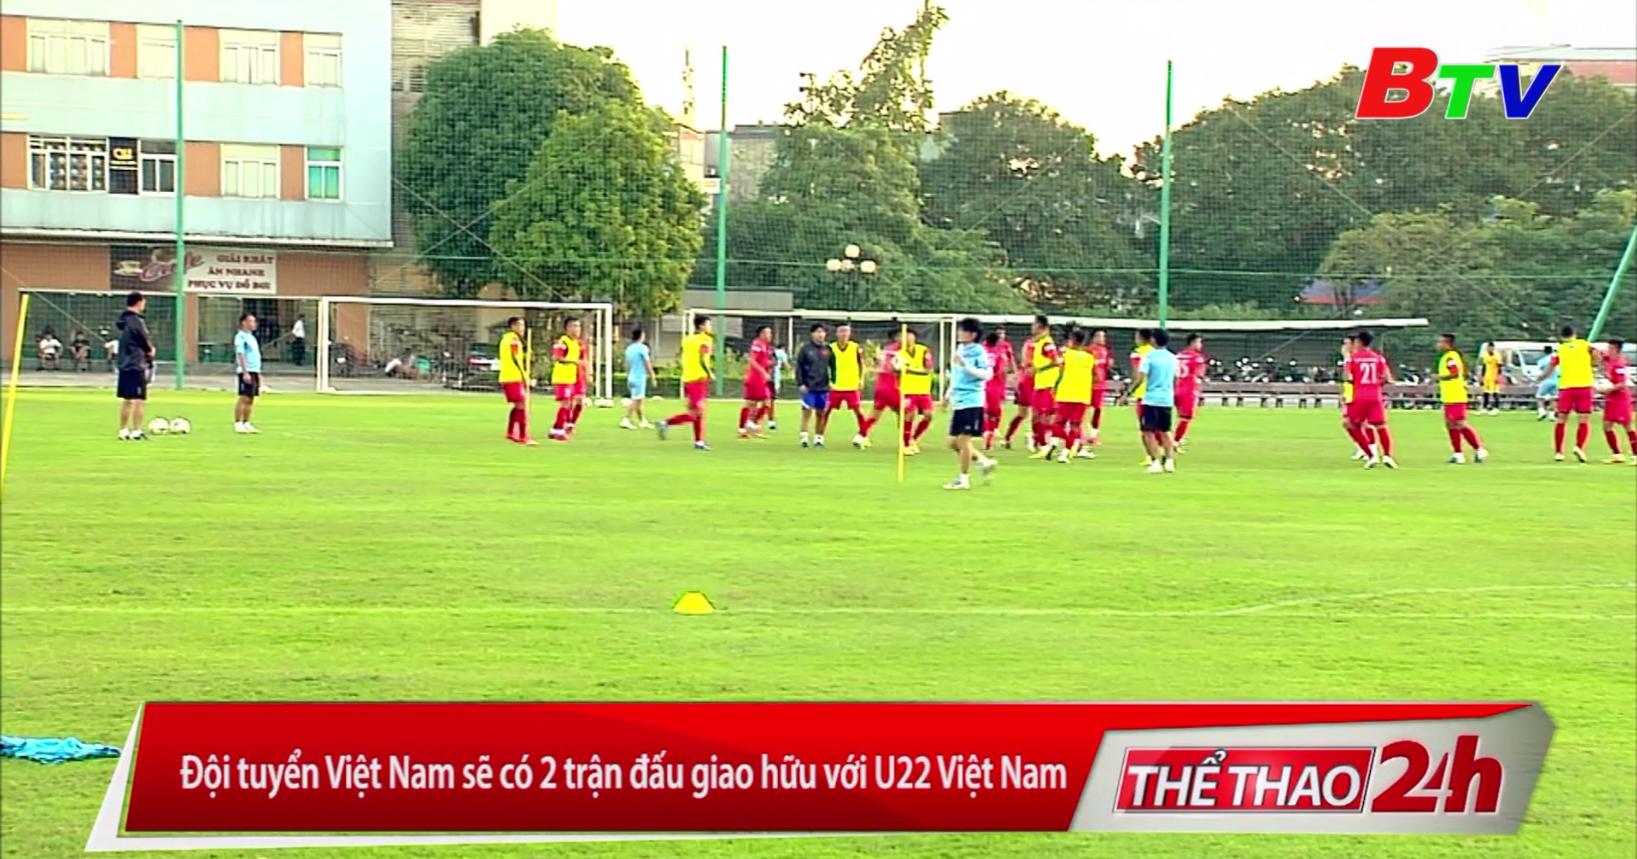 Đội tuyển Việt Nam sẽ có 2 trận đấu giao hữu với U22 Việt Nam